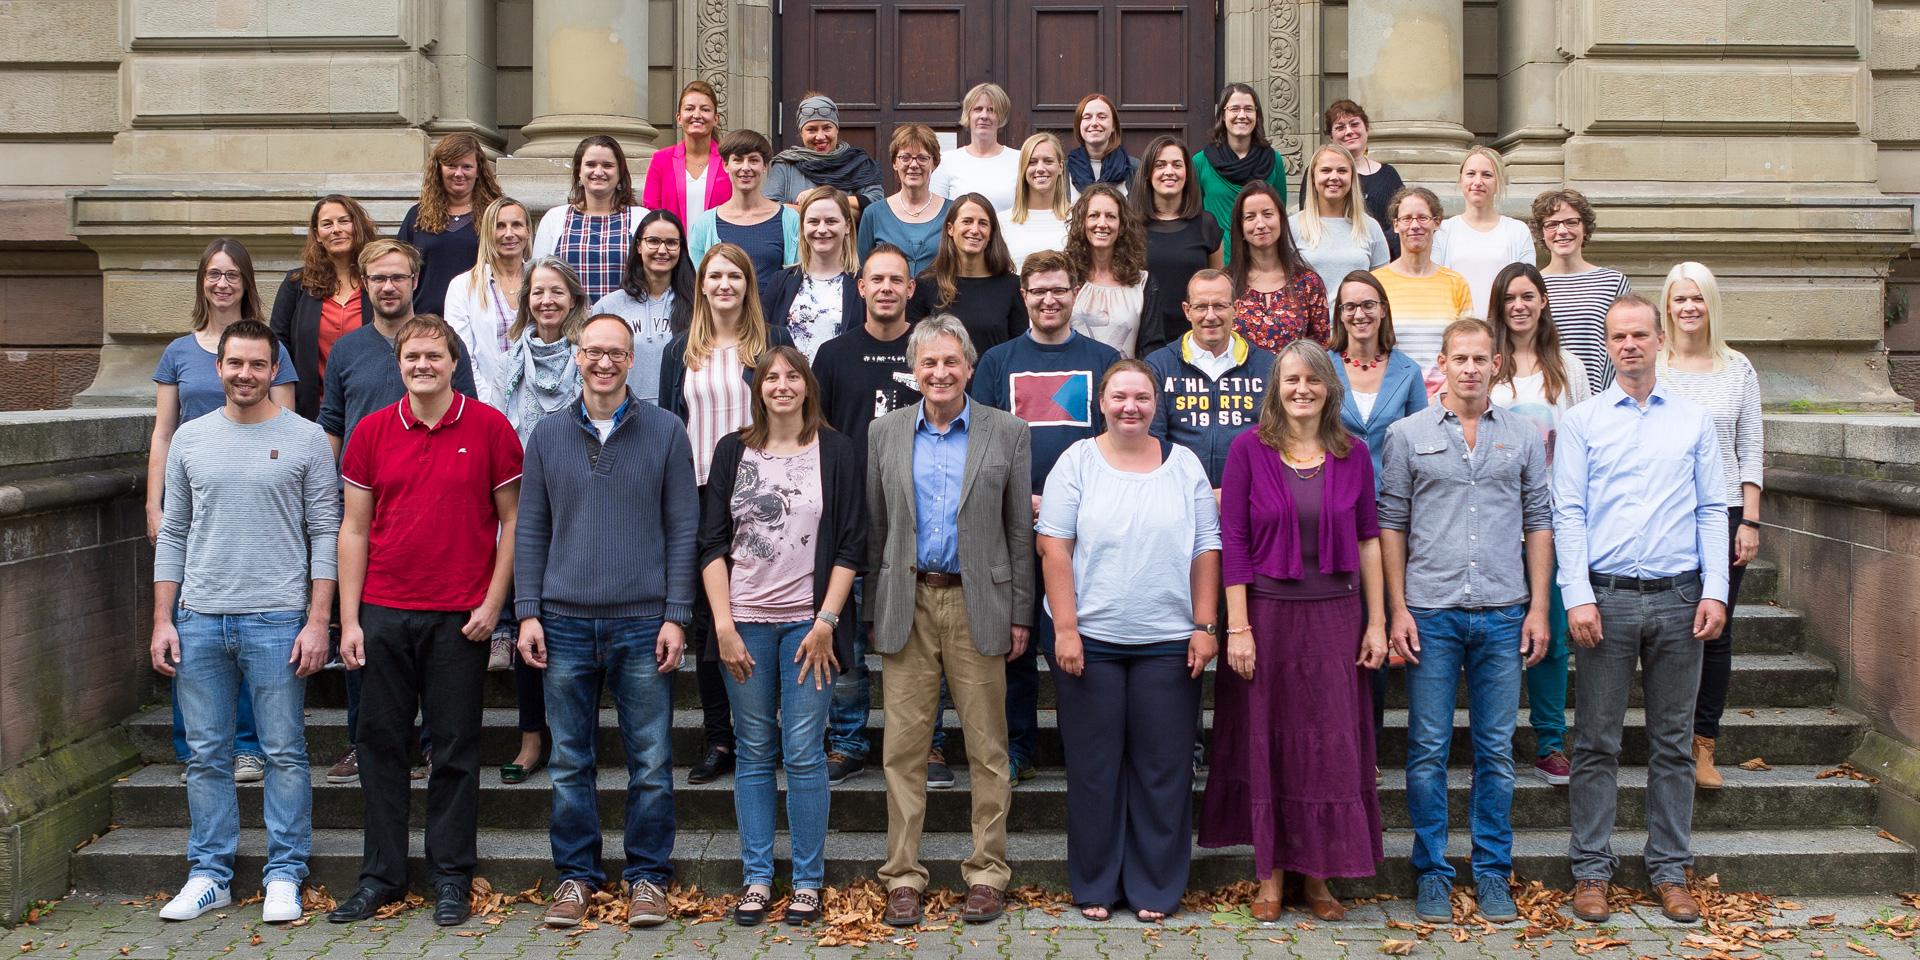 Kollegium Herbst 2017 | Karls-Gymnasium Stuttgart